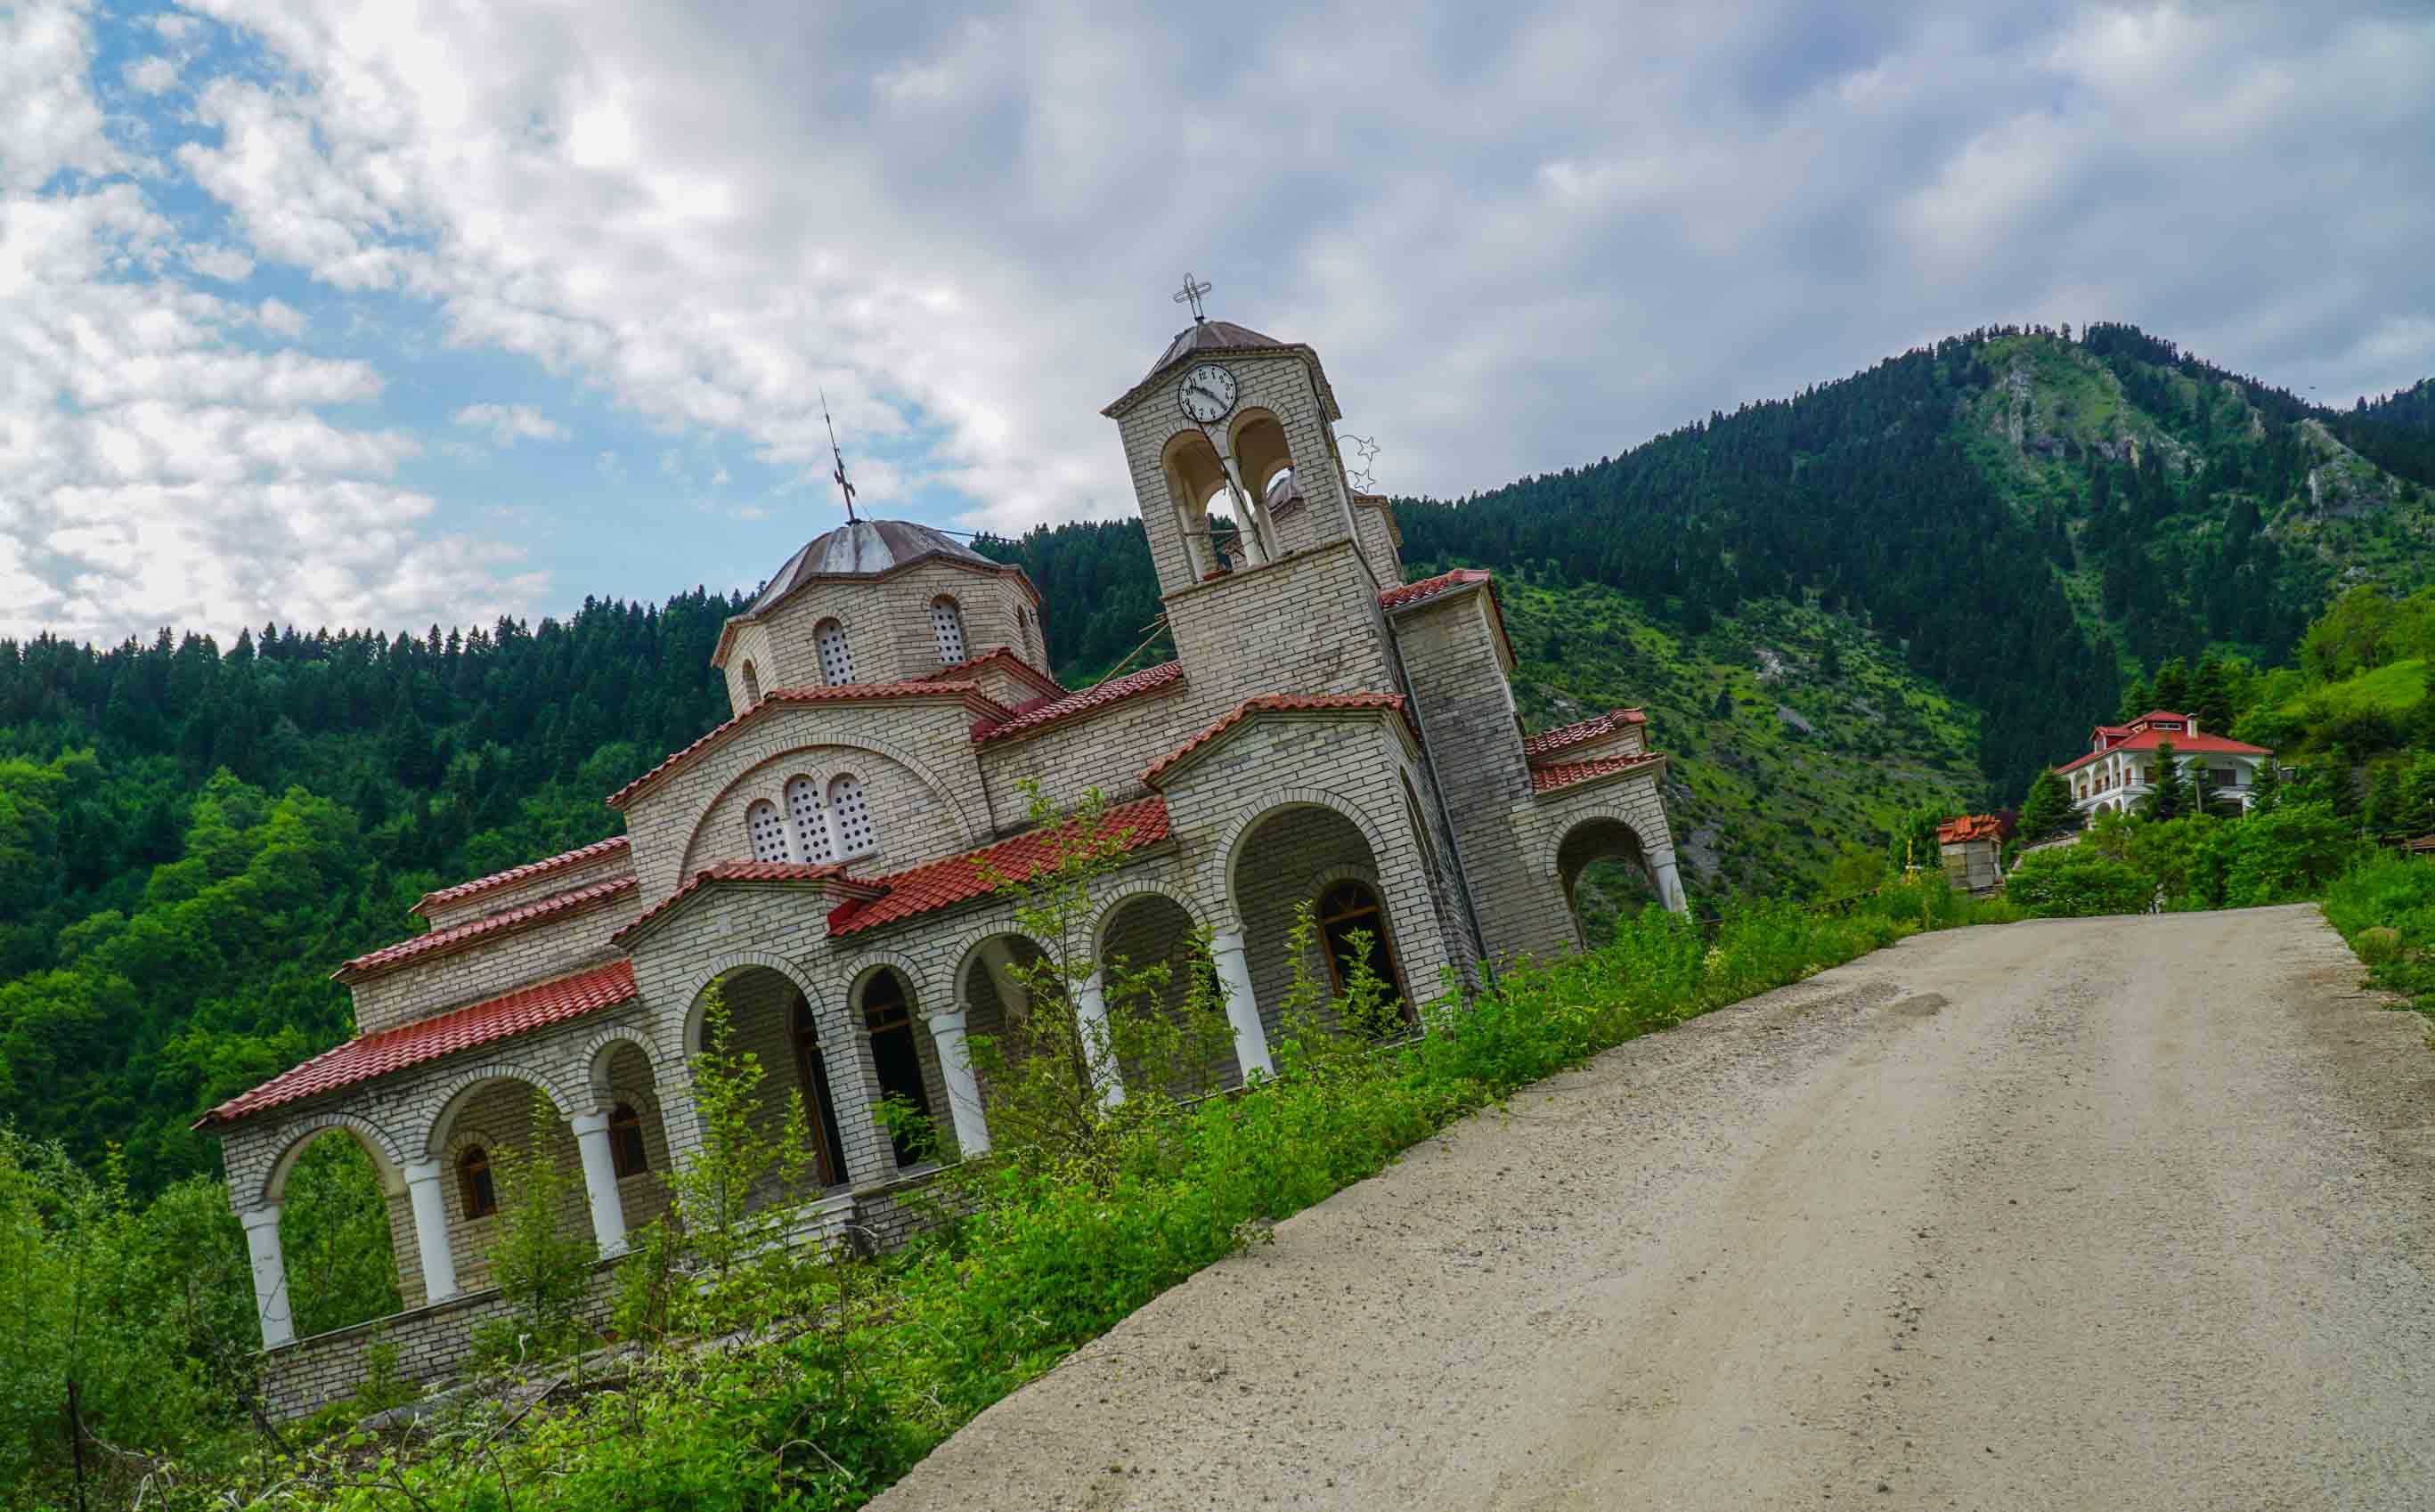 fd7d5d2aca8 Ροπωτό, το χωριό-φάντασμα υπάρχει και είναι στα Τρίκαλα – tracerclub.gr